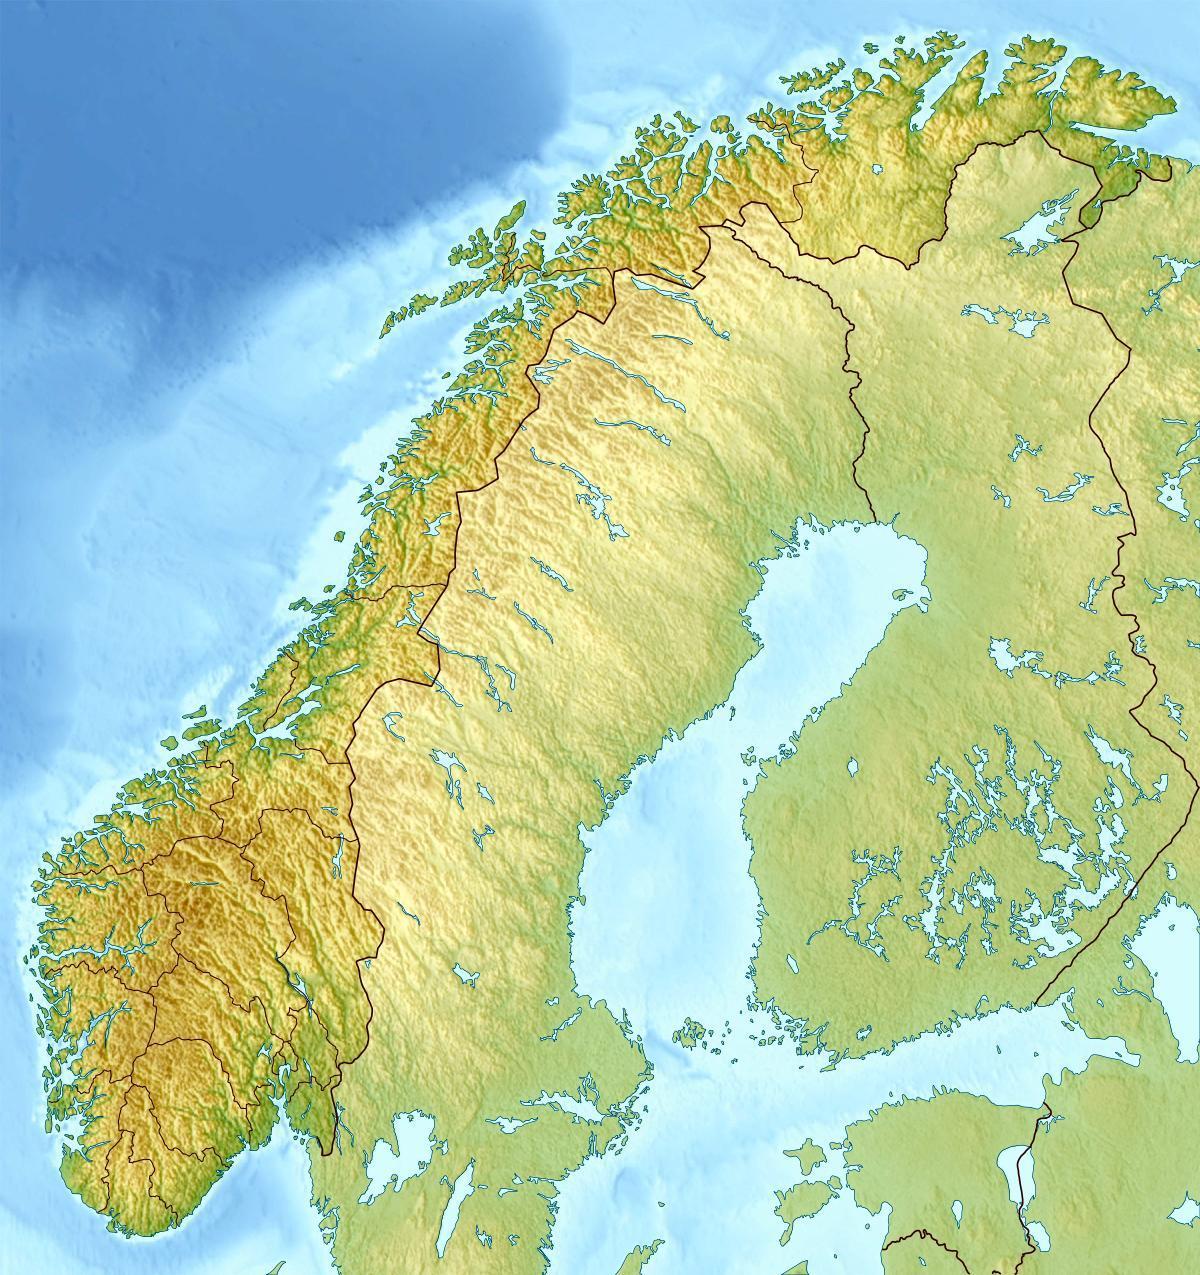 Cartina Fisica Della Norvegia.Mappa Fisica Di Norvegia Mappa Di Fisica Norvegia Europa Del Nord Europa